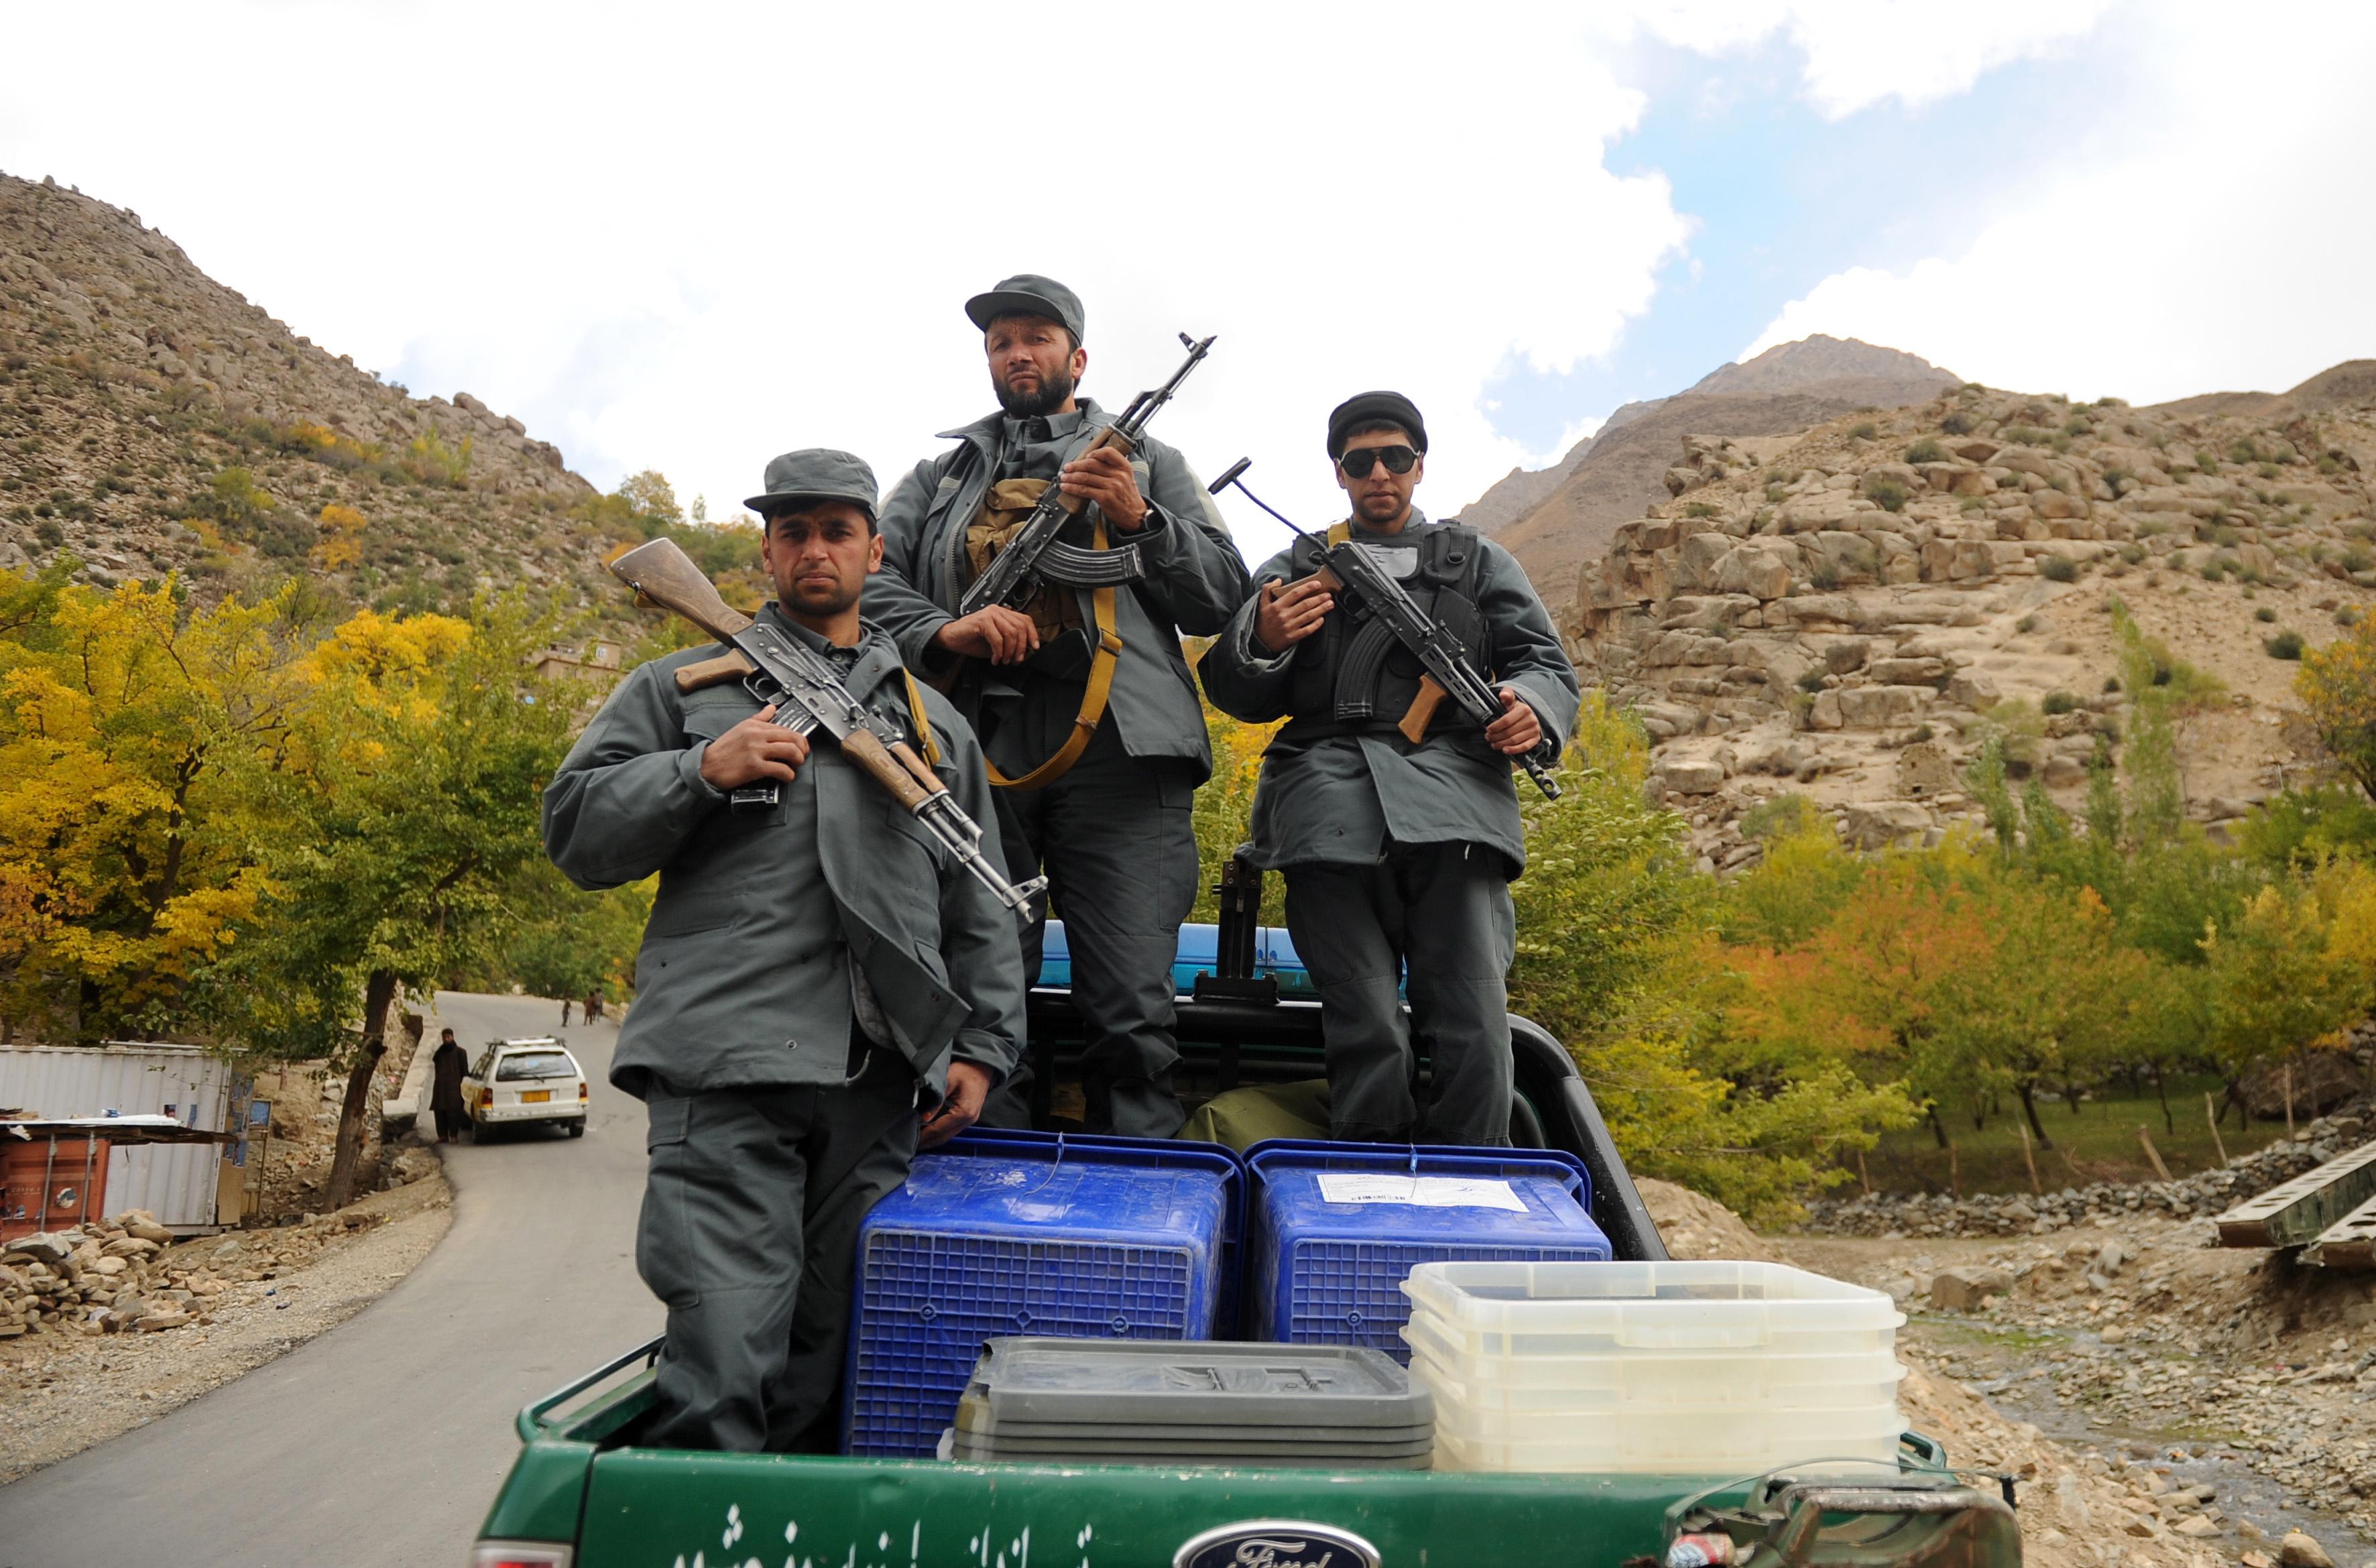 Afganistanci glasuju uslijed kaosa, korupcije i talibanskih prijetnji